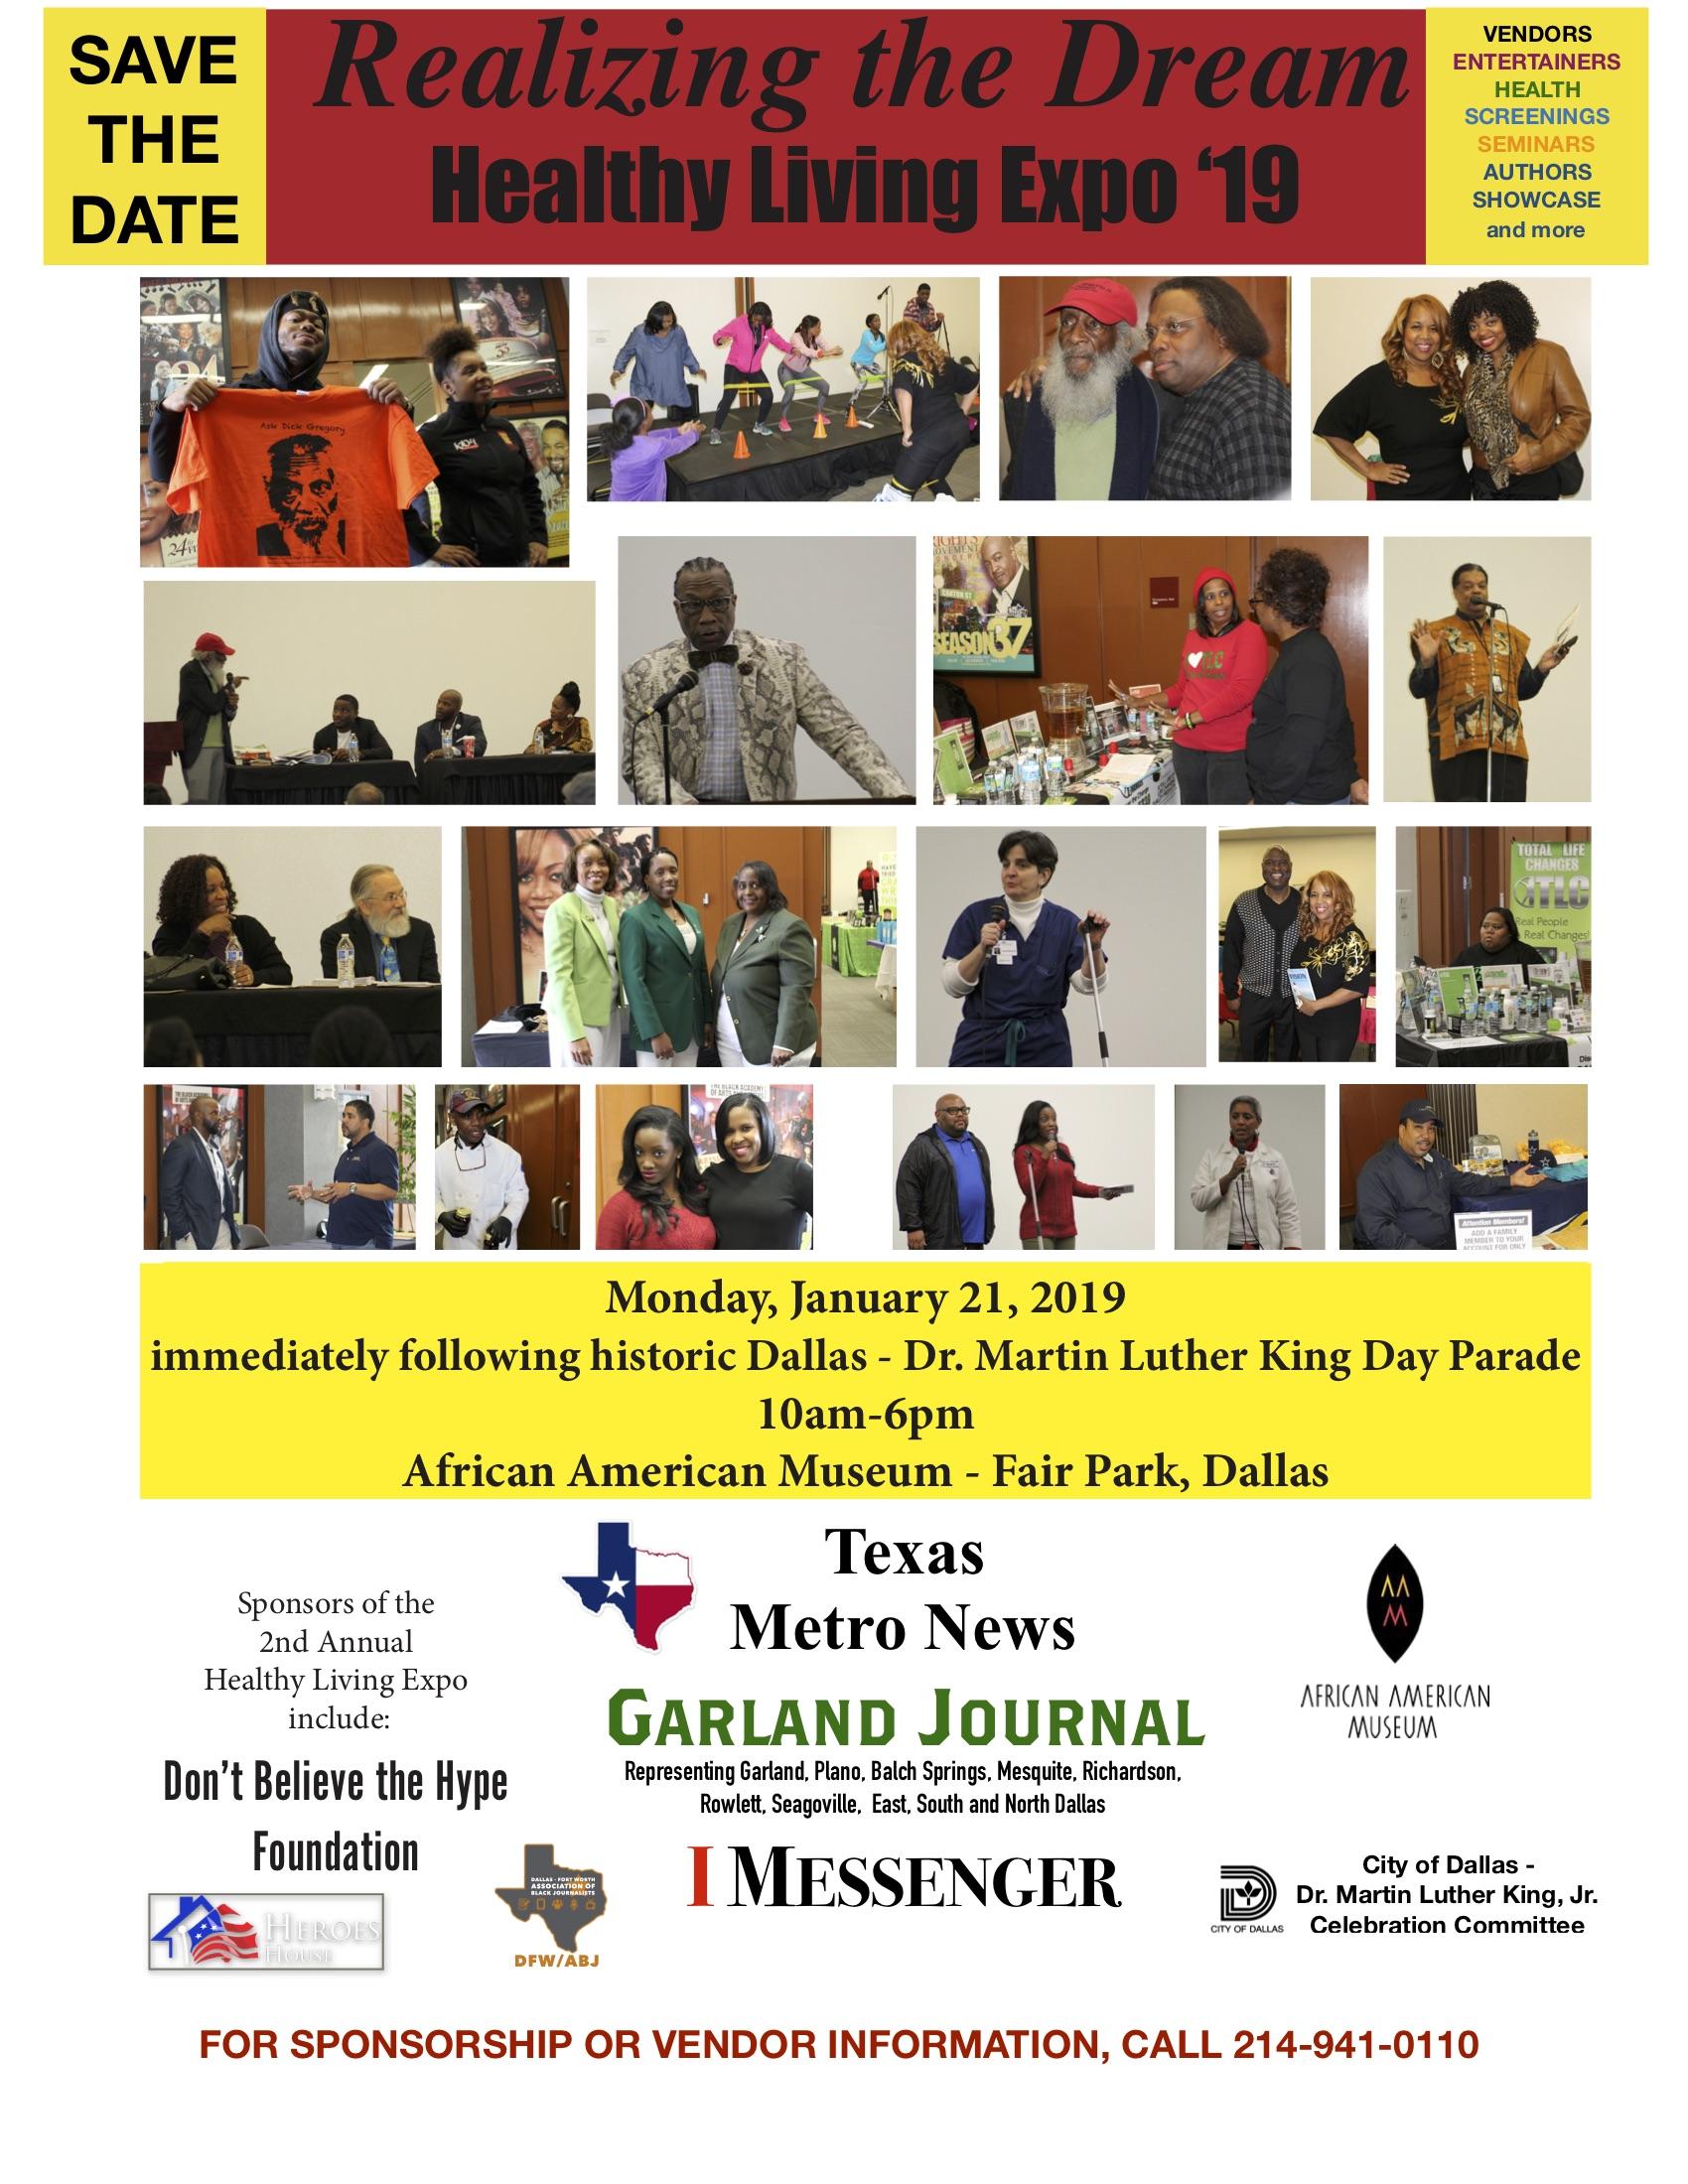 Healthy Living Expo 2019: January 21, 2019